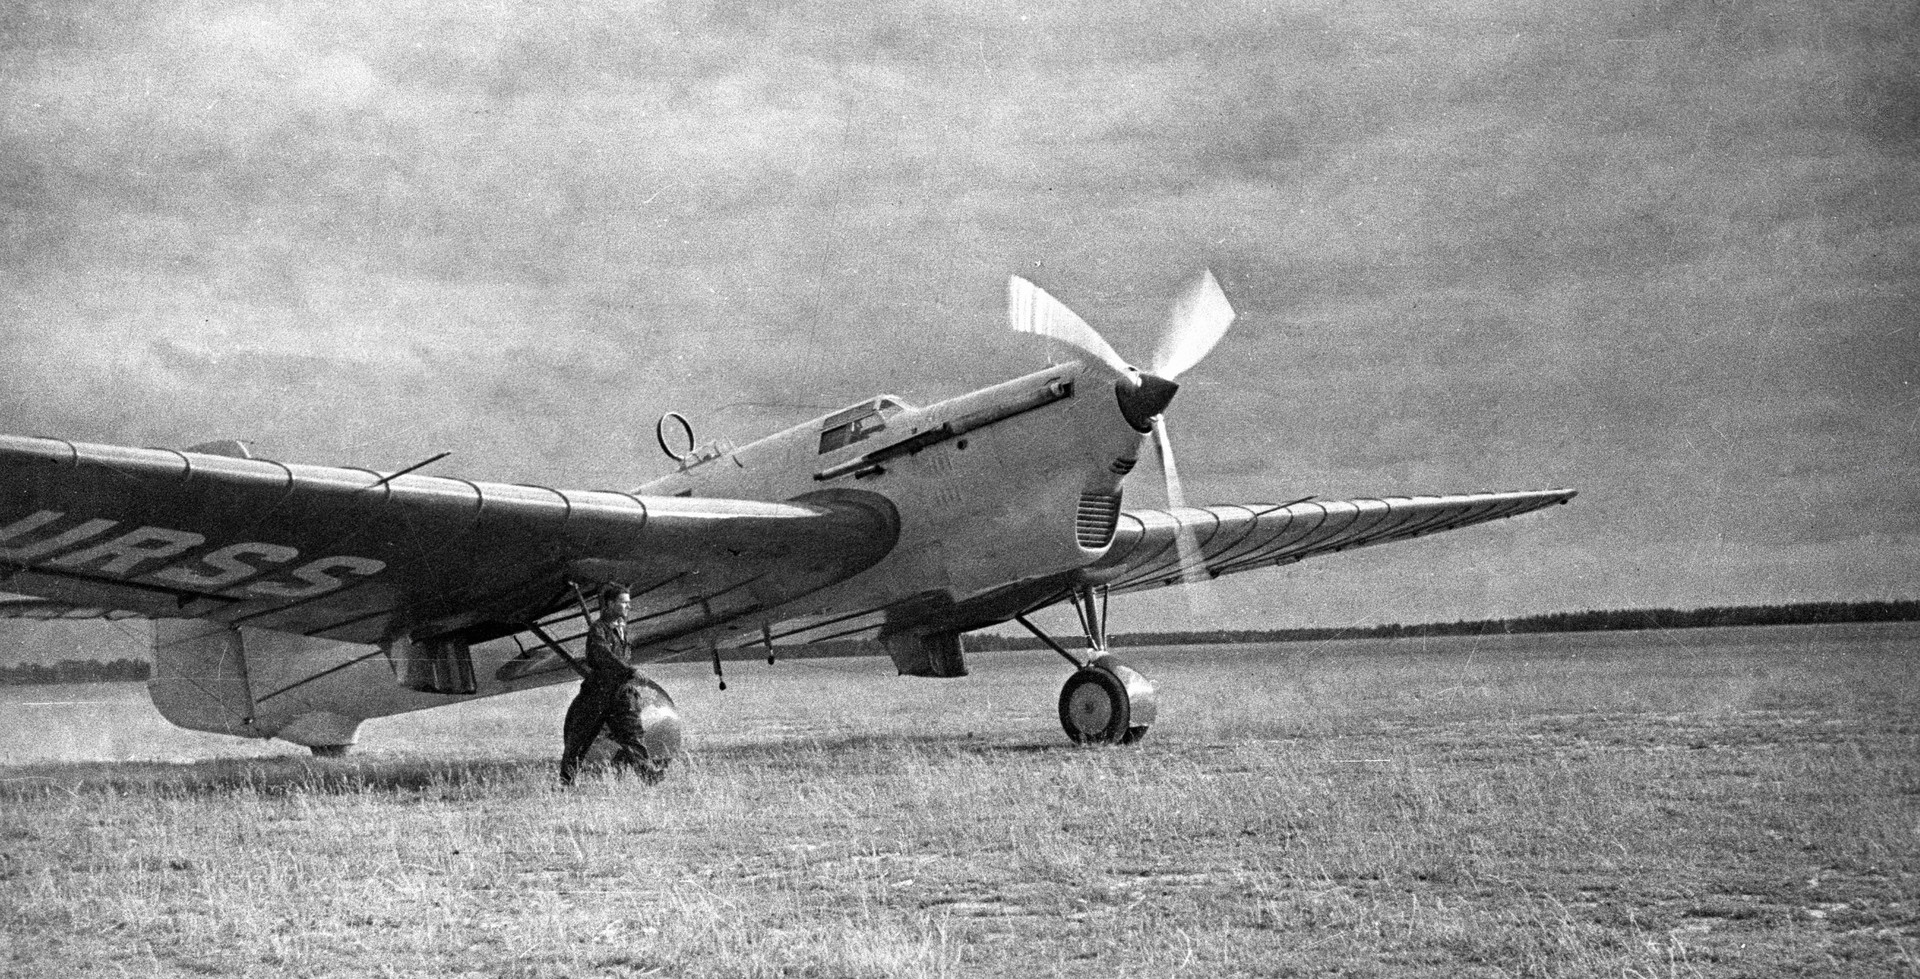 1937年 6月 18 日にモスクワー北極ー米国という航路で飛行し、バンクーバーで到着したANT-25。